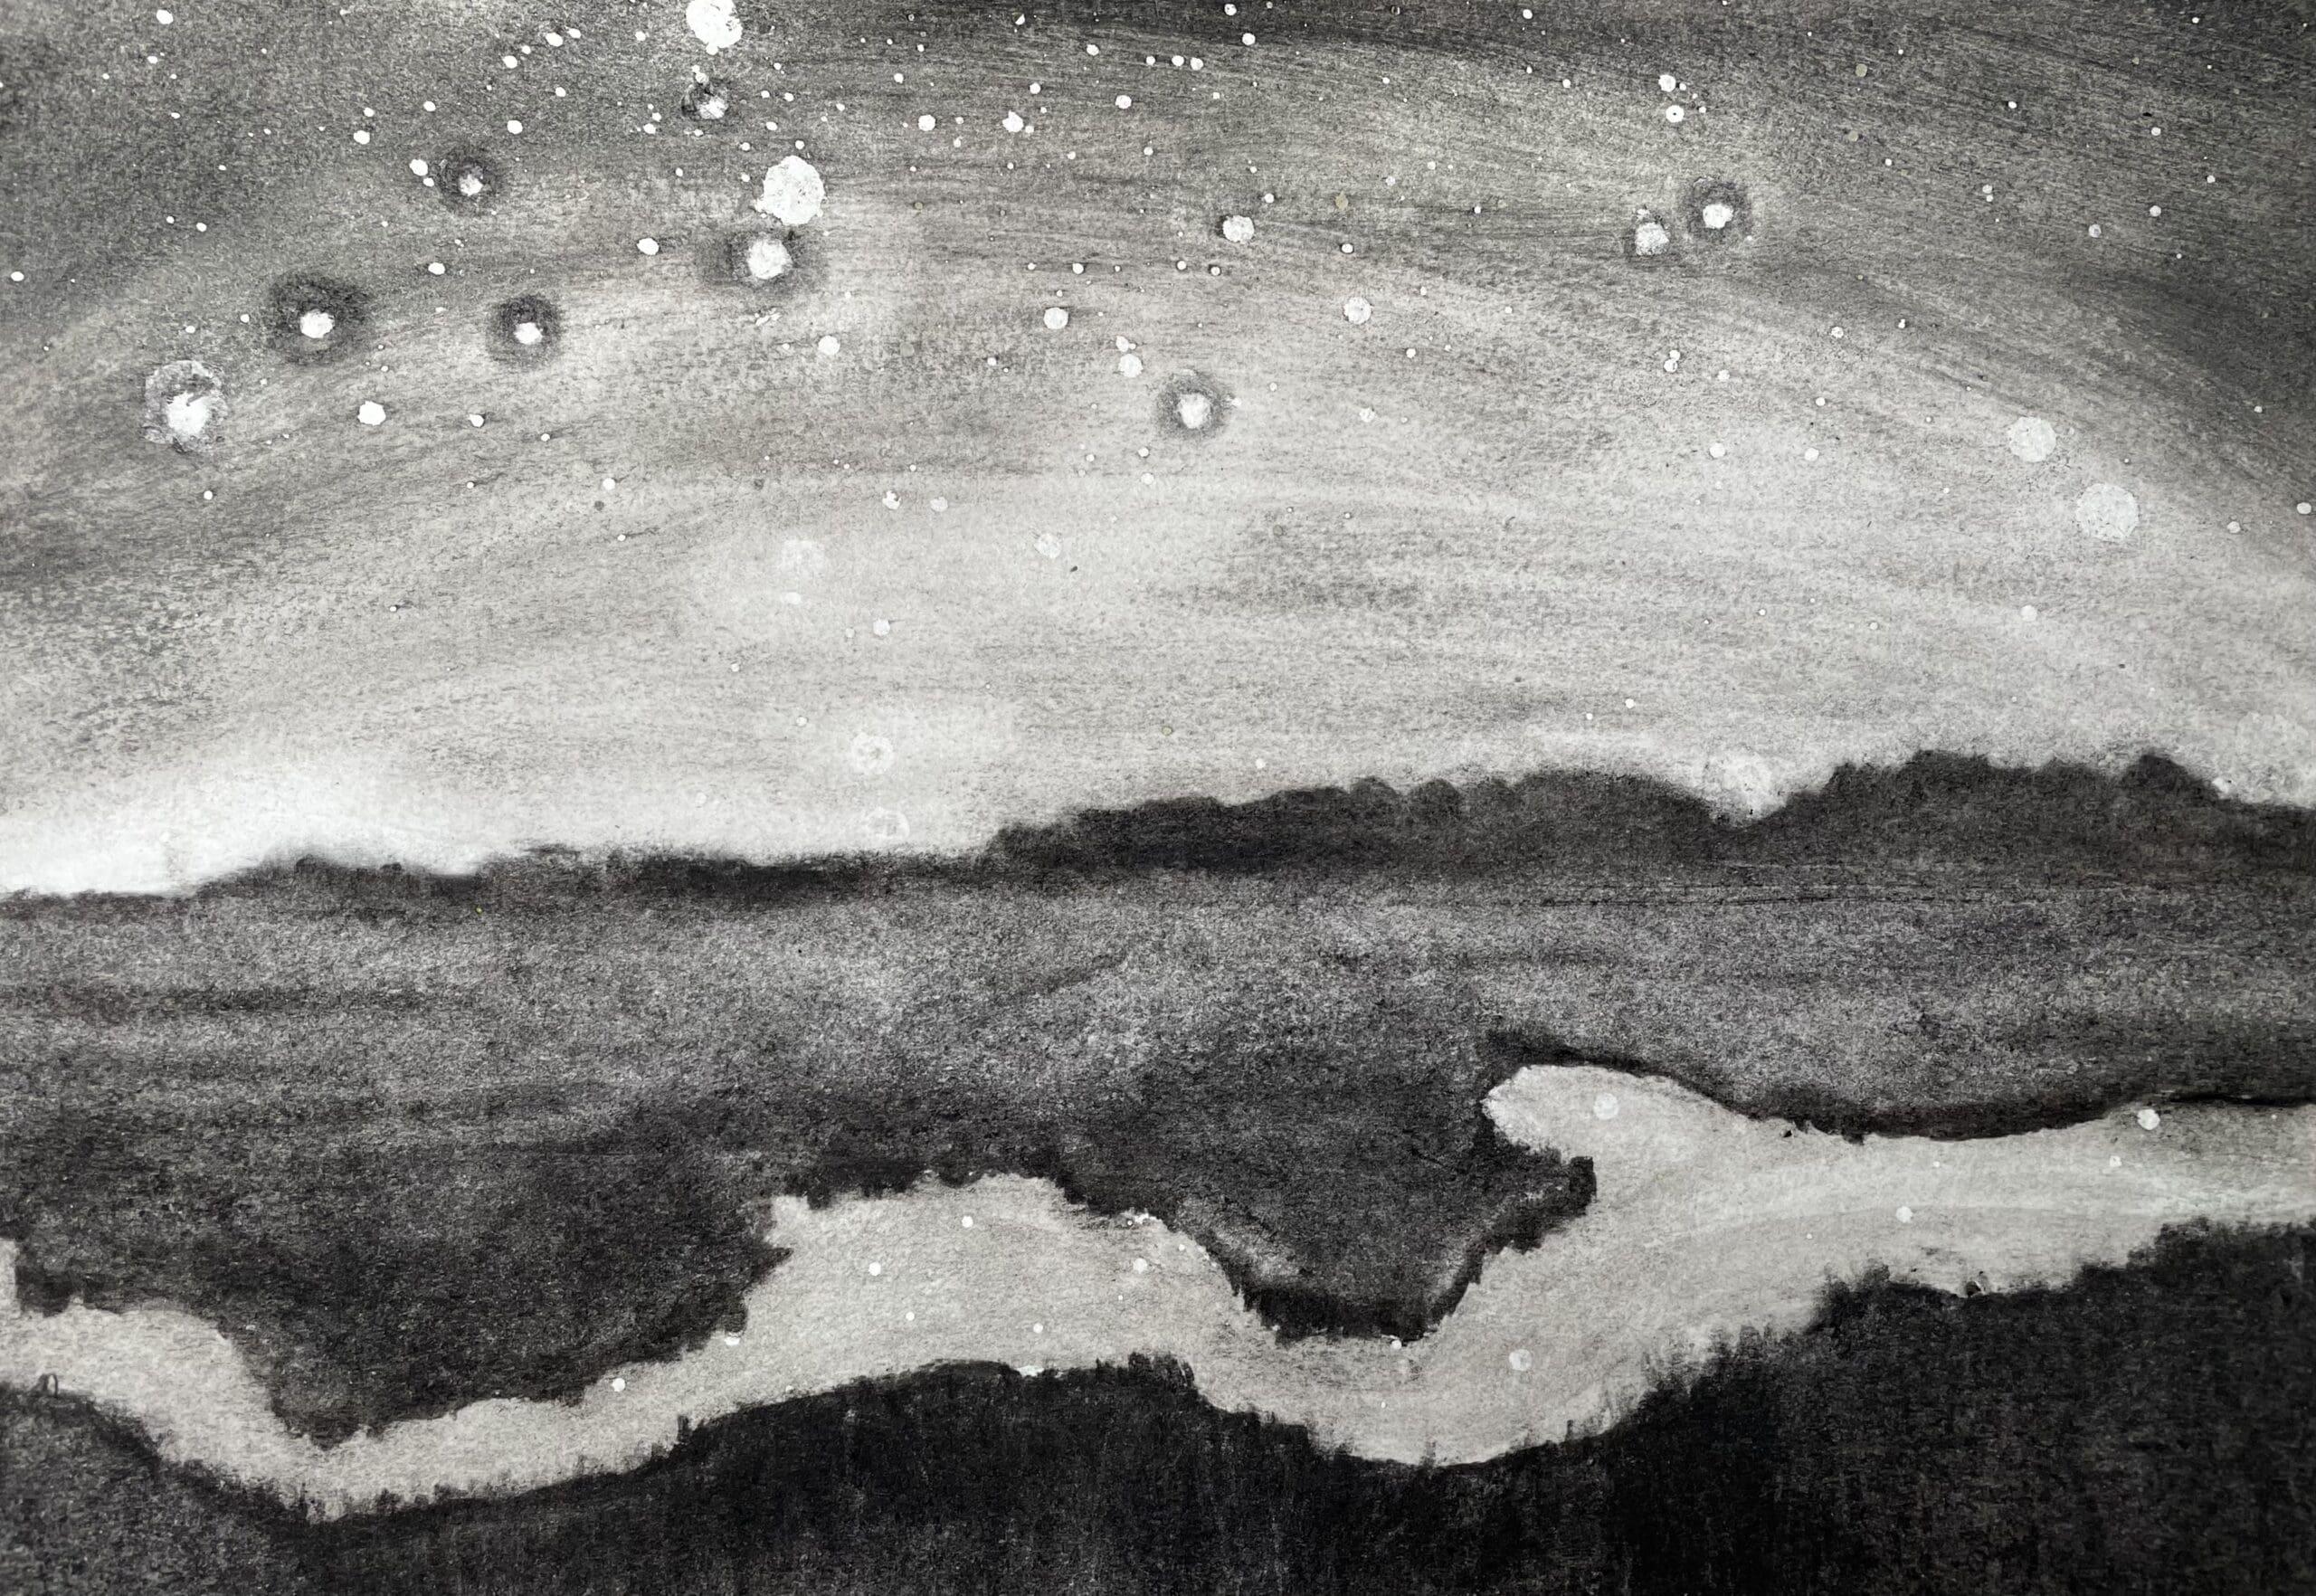 Stiffkey VI charcoal drawing